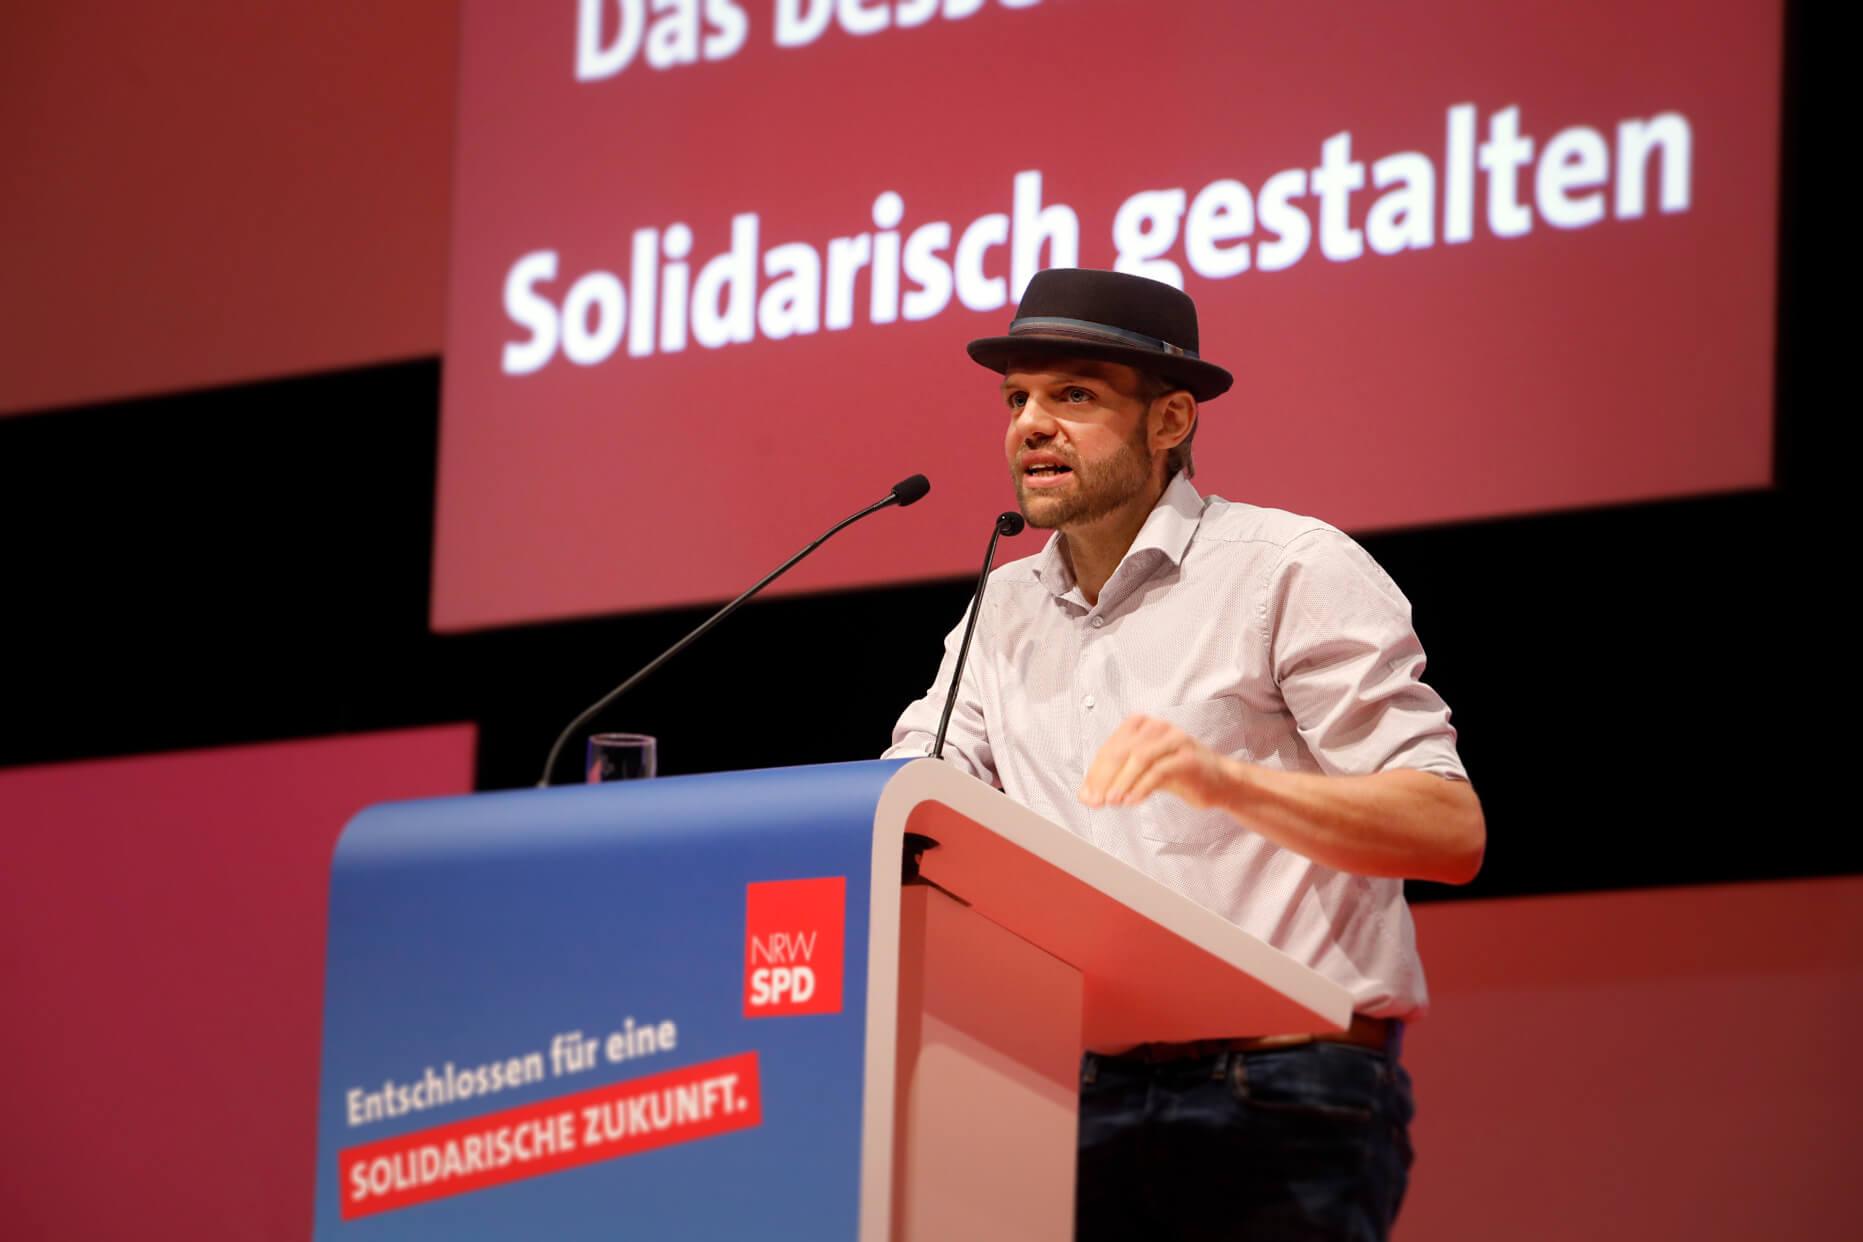 Veith Lemmen bei seiner Rede auf dem außerordentlichen Landesparteitag 2019 in Bochum